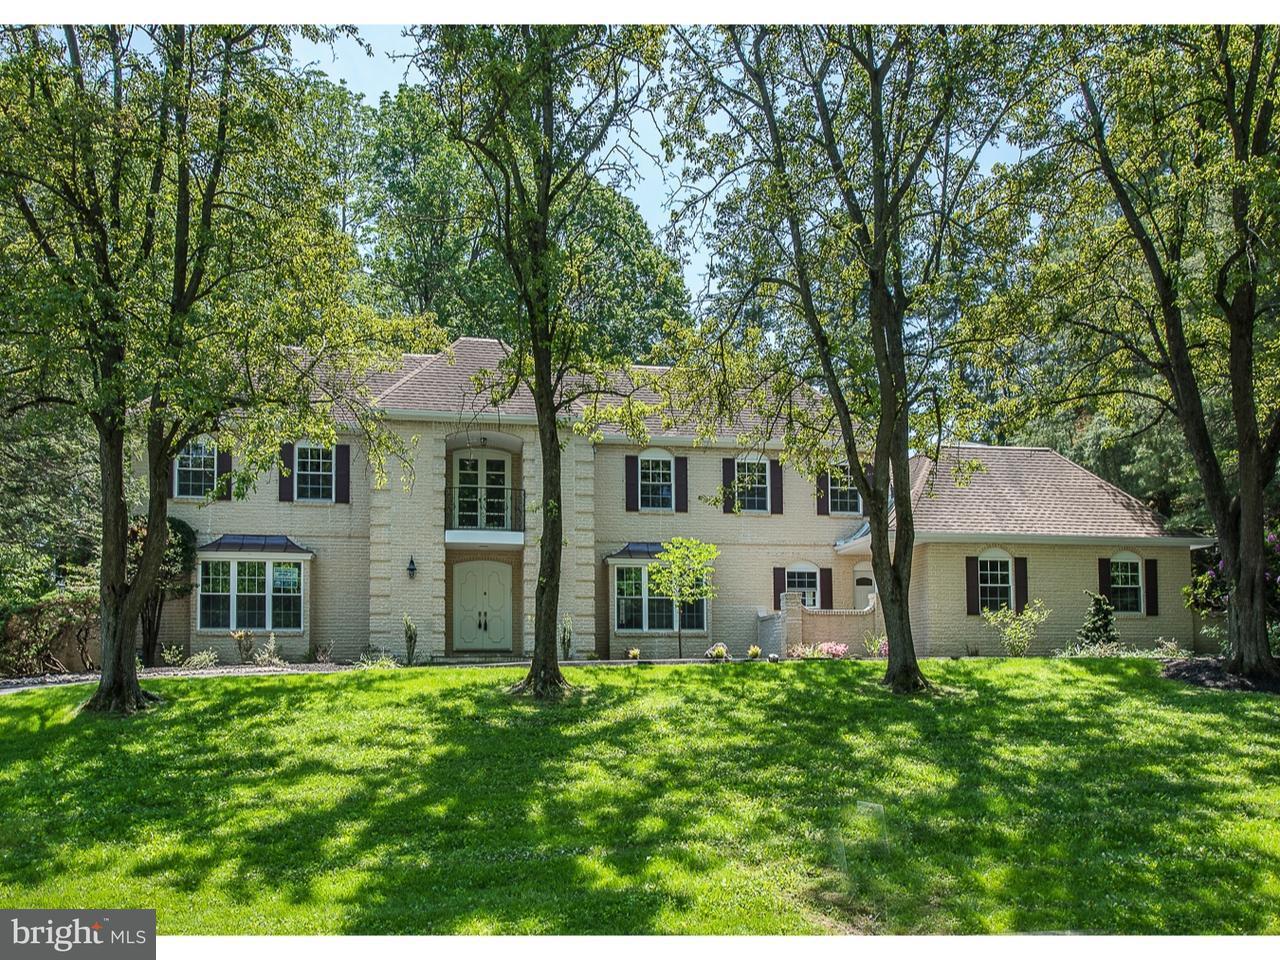 Частный односемейный дом для того Продажа на 121 QUAKER Lane Haverford, Пенсильвания 19041 Соединенные Штаты